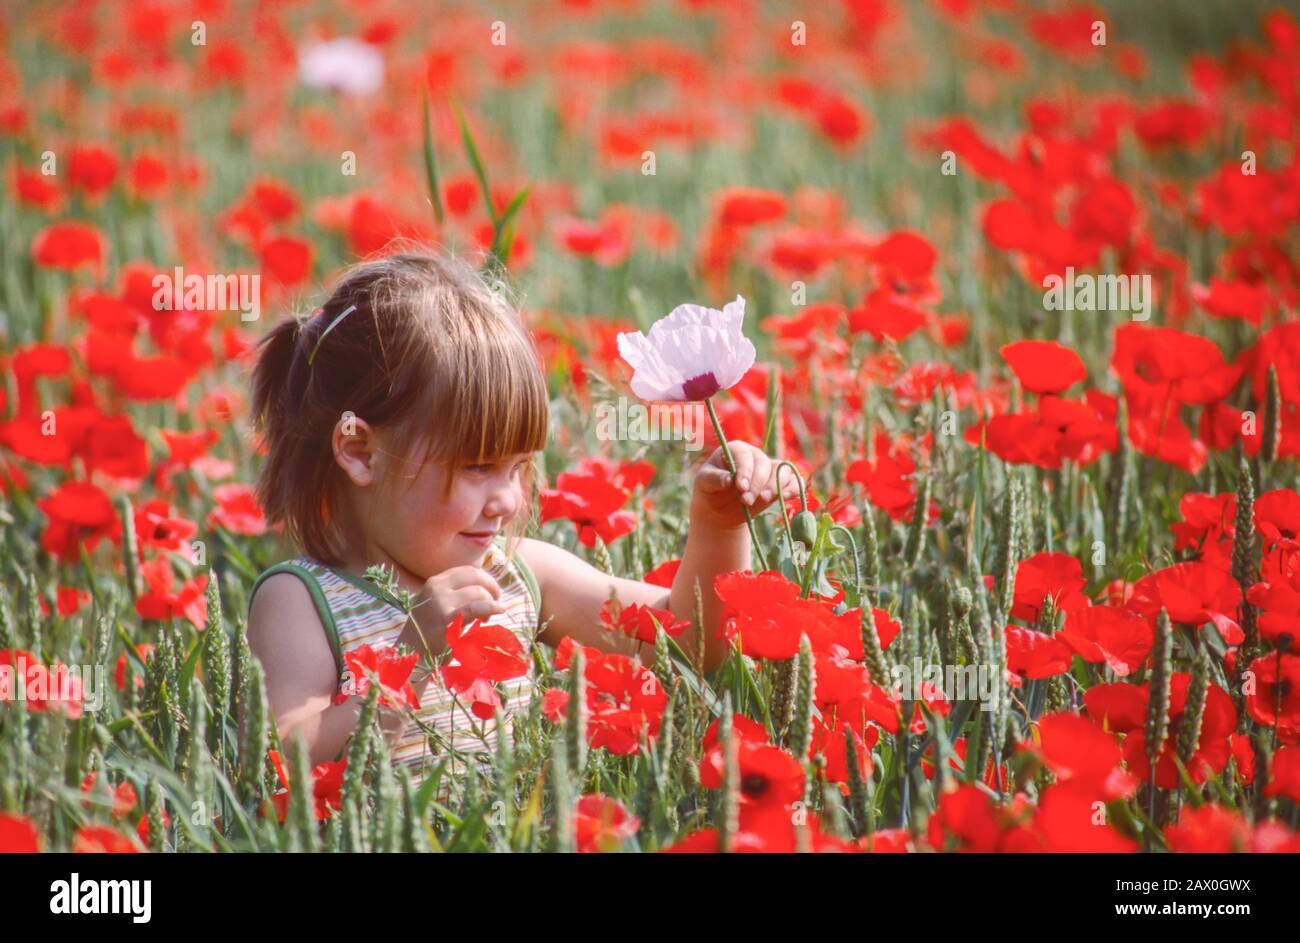 Junges Mädchen auf dem Feld der roten Mohn, das einen einzigen rosafarbenen Mohn hält Stockfoto